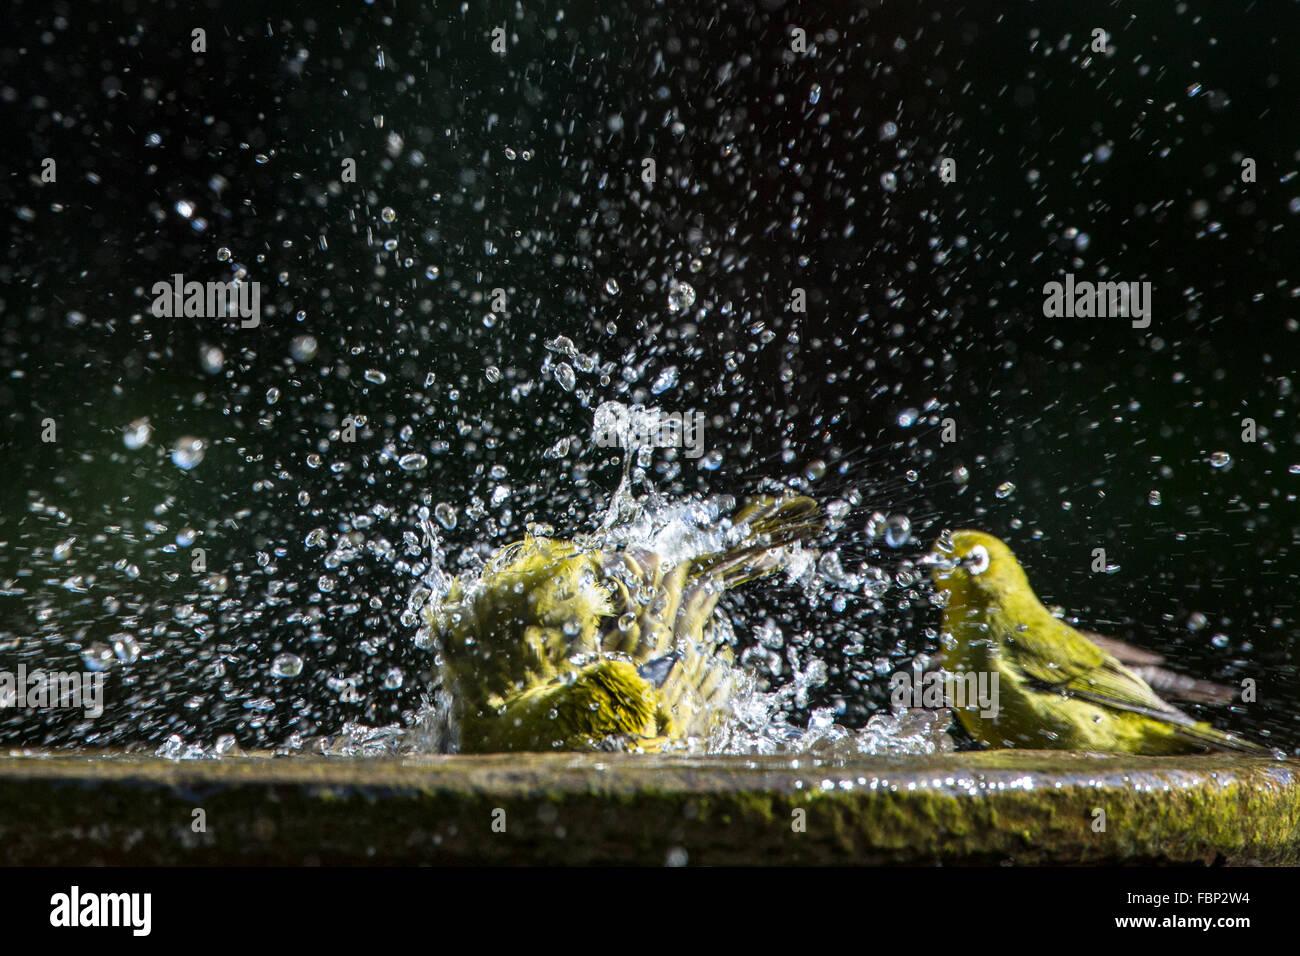 Africa tessitore dorato avente un bagno uccelli con Capo whiteeye cercando su Immagini Stock